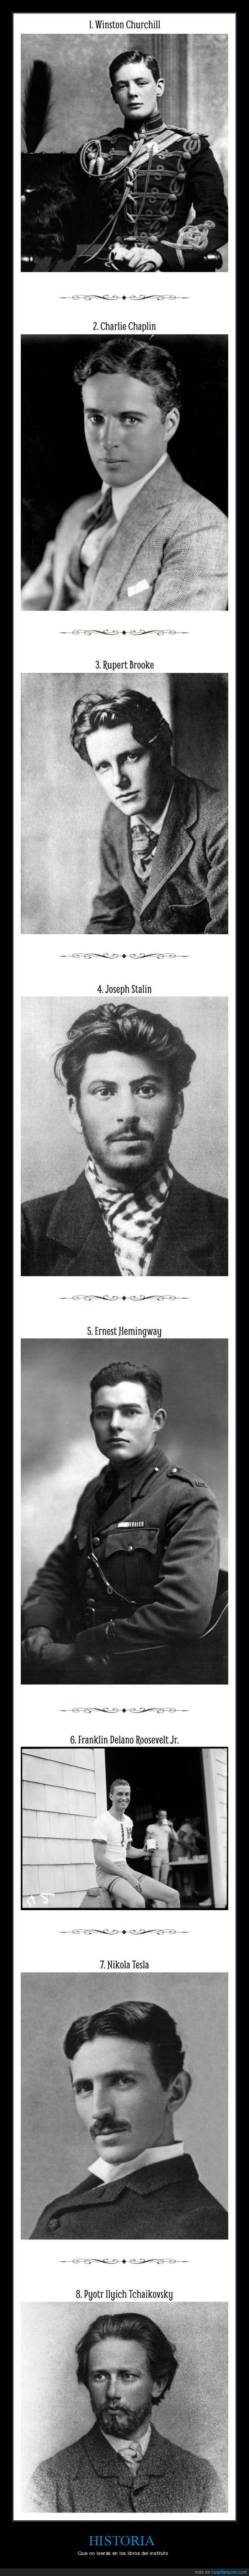 histórico,personajes históricos,tíobuenos